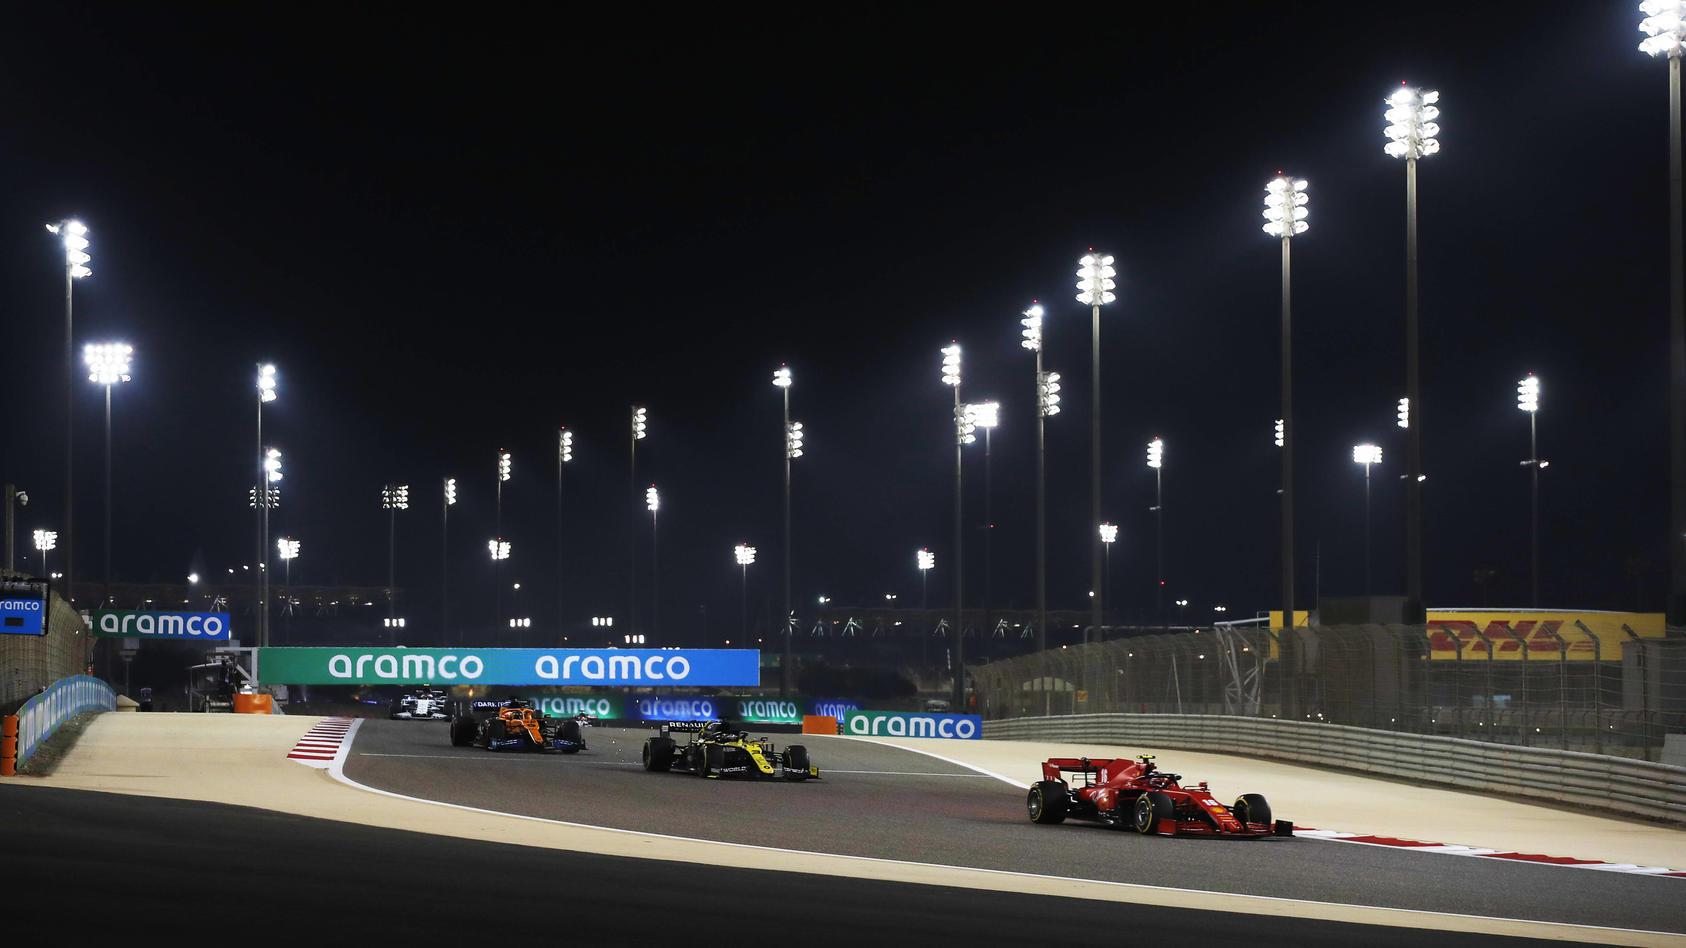 Die Formel 1 testet 2021 vor dem Saisonauftakt wohl in Bahrain statt in Barcelona.